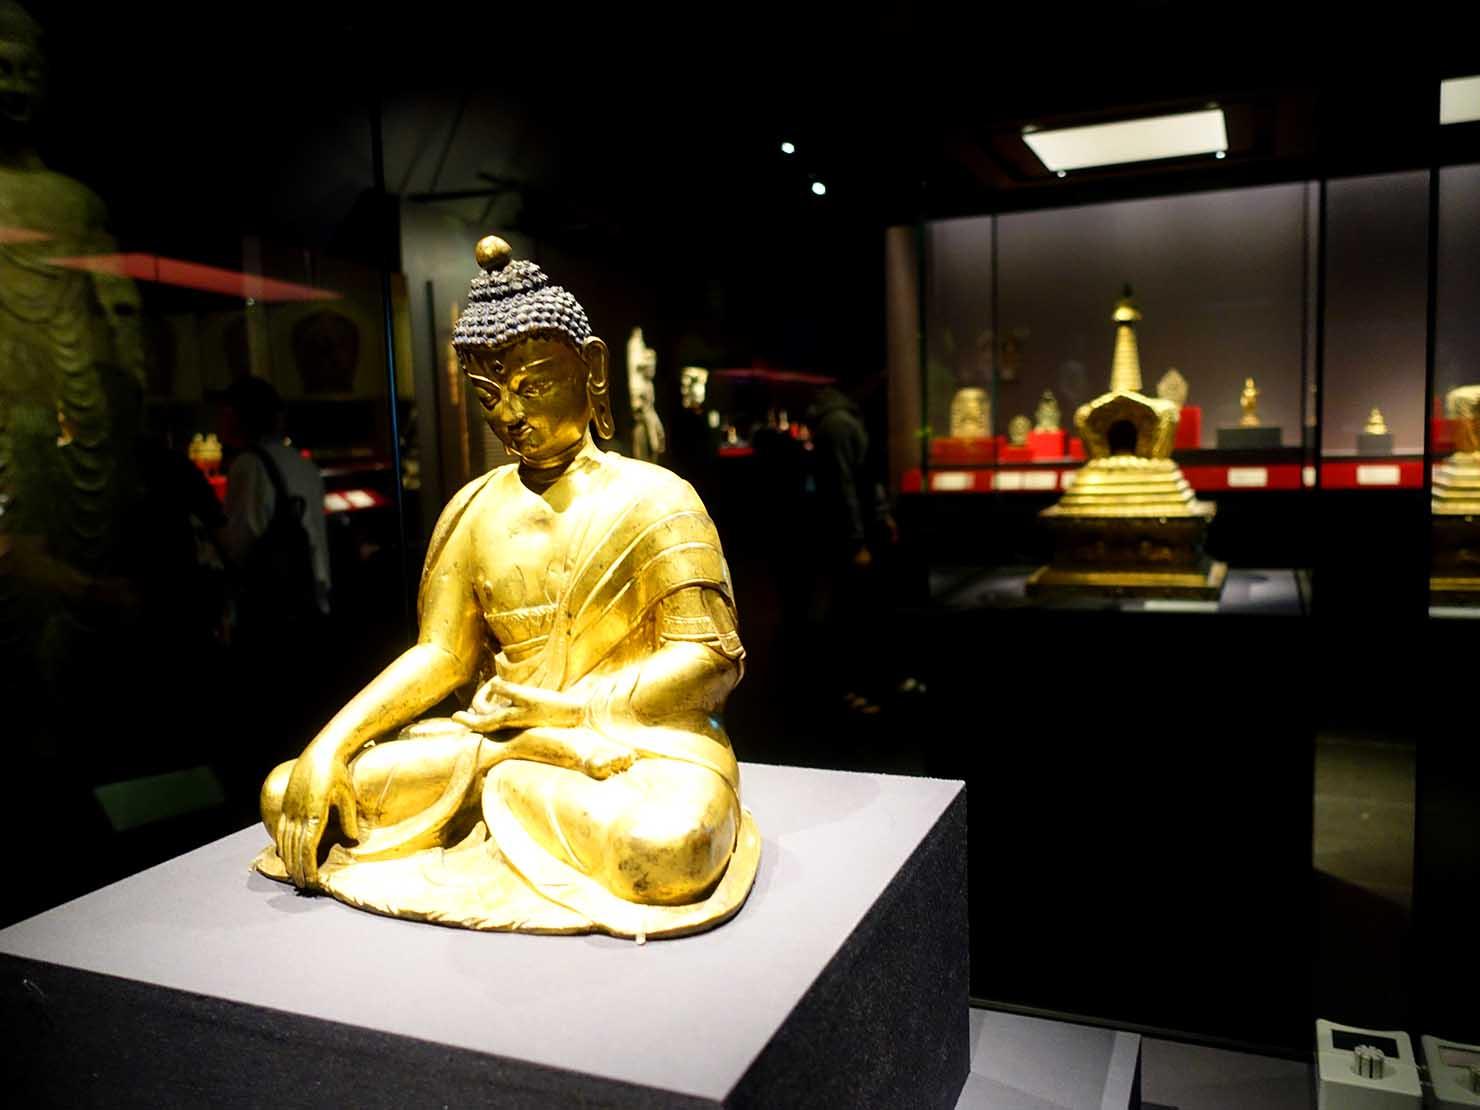 嘉義のおすすめ観光スポット「故宮南院」に展示された仏像